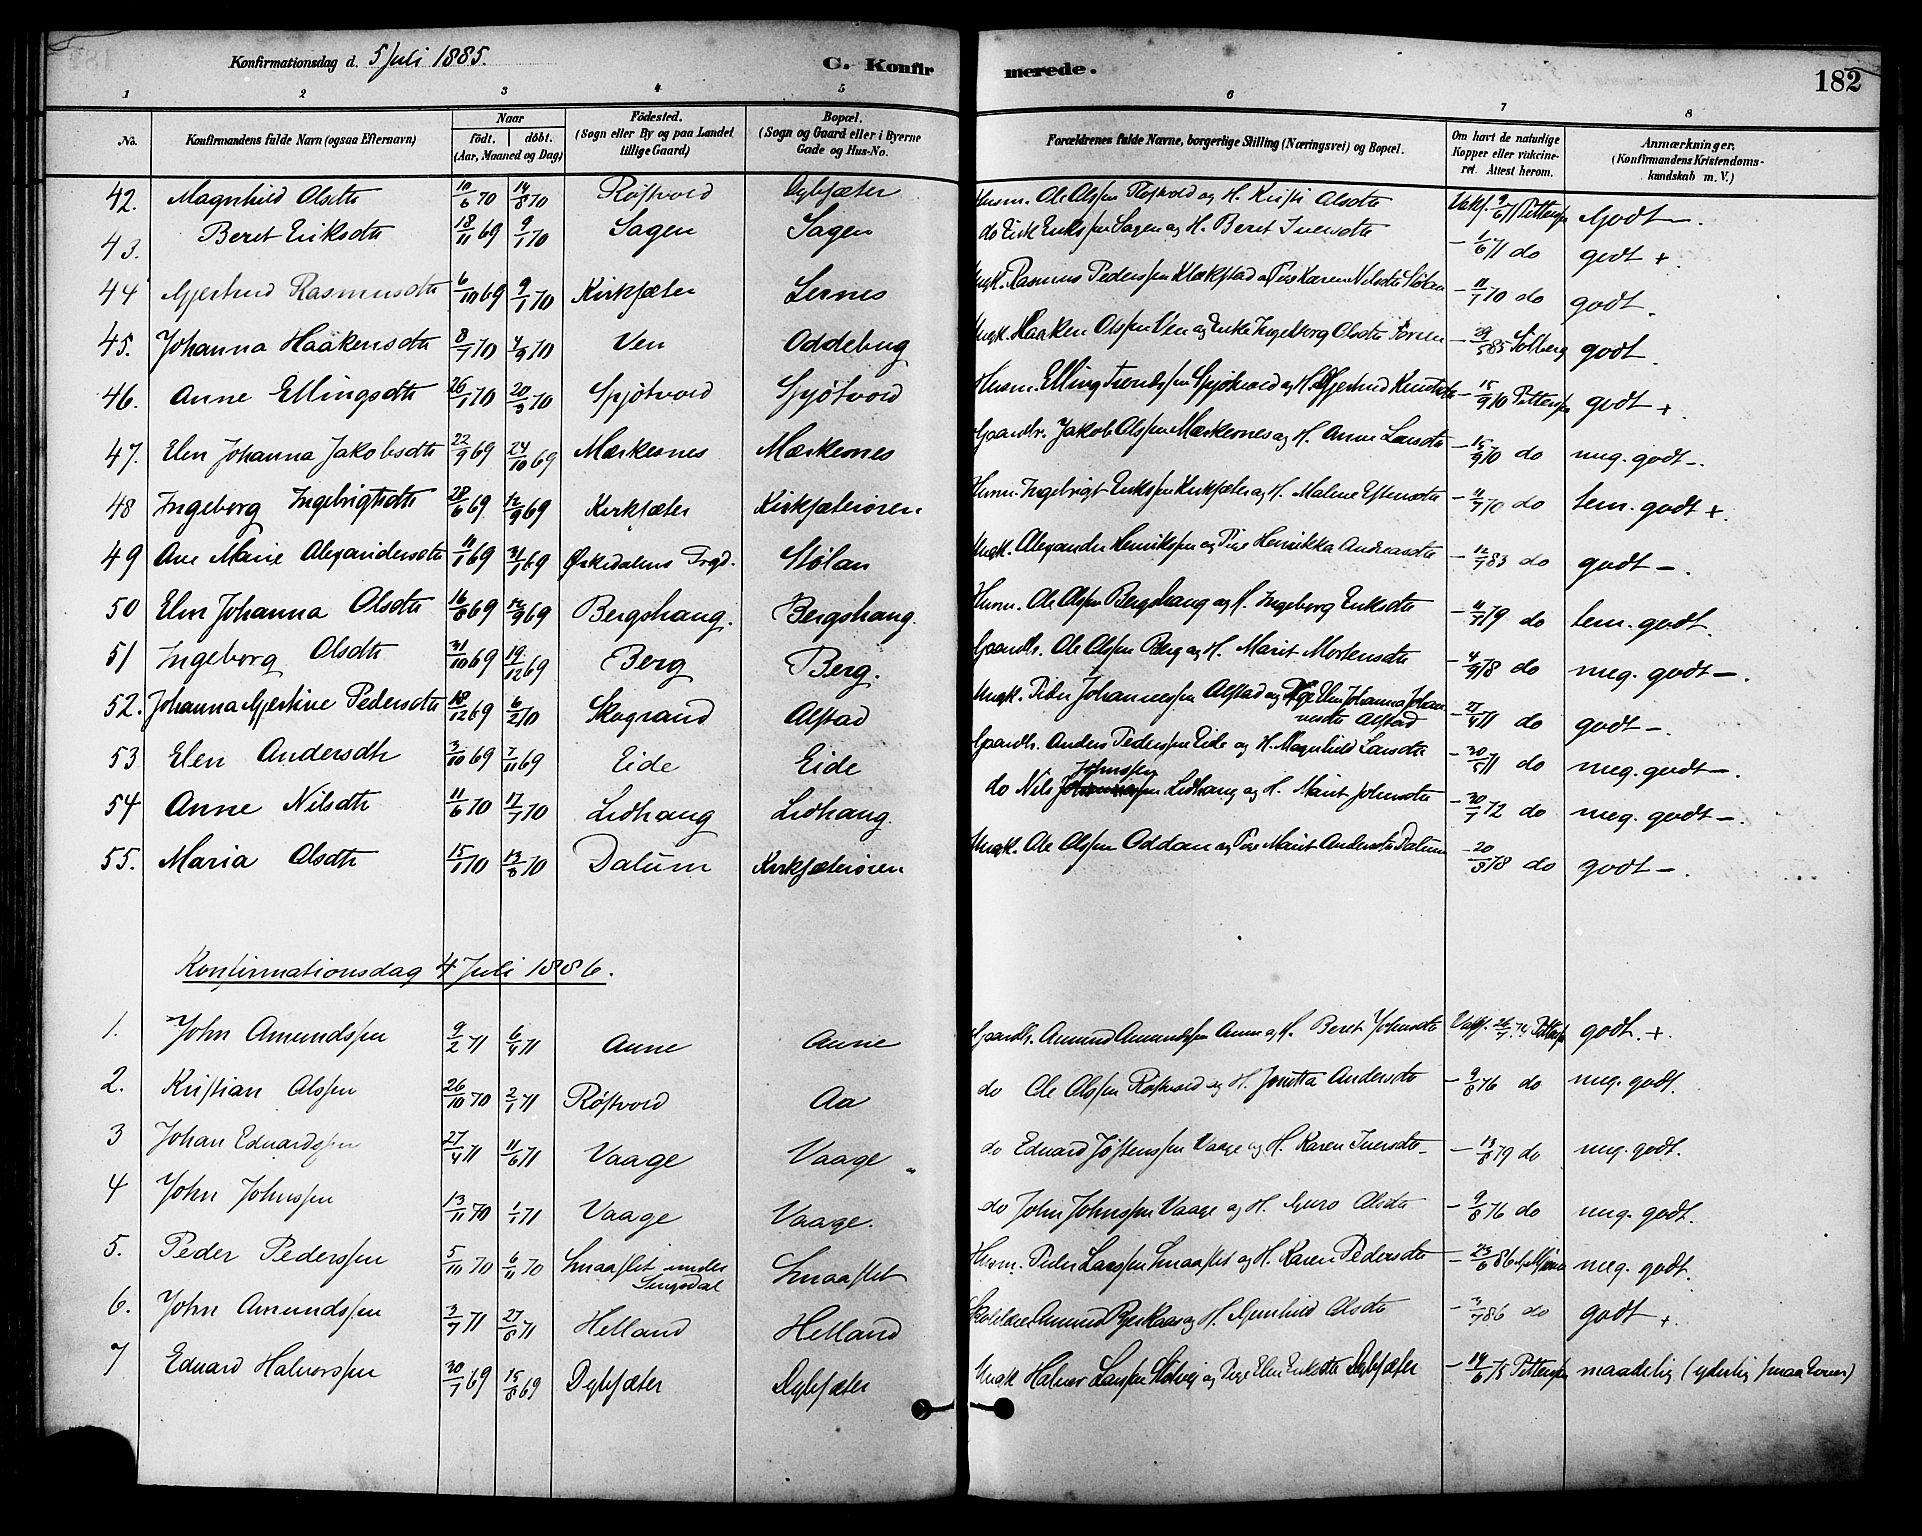 SAT, Ministerialprotokoller, klokkerbøker og fødselsregistre - Sør-Trøndelag, 630/L0496: Ministerialbok nr. 630A09, 1879-1895, s. 182